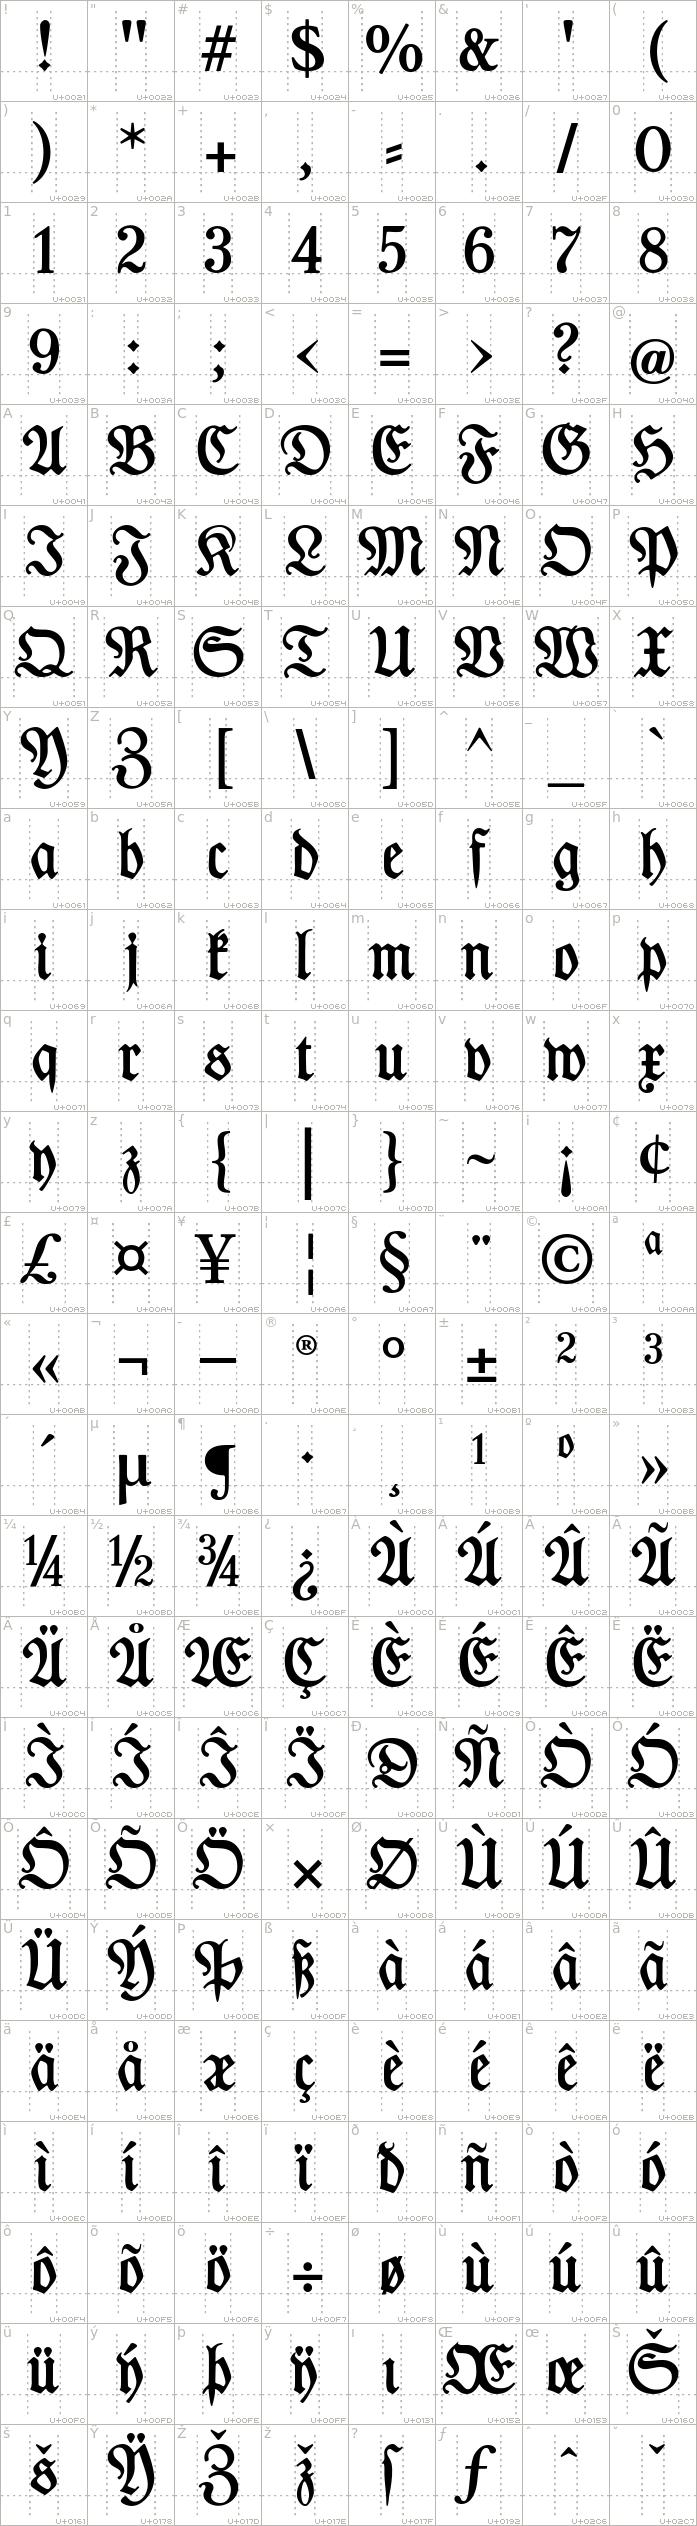 des-malers-fraktur.regular.character-map-1